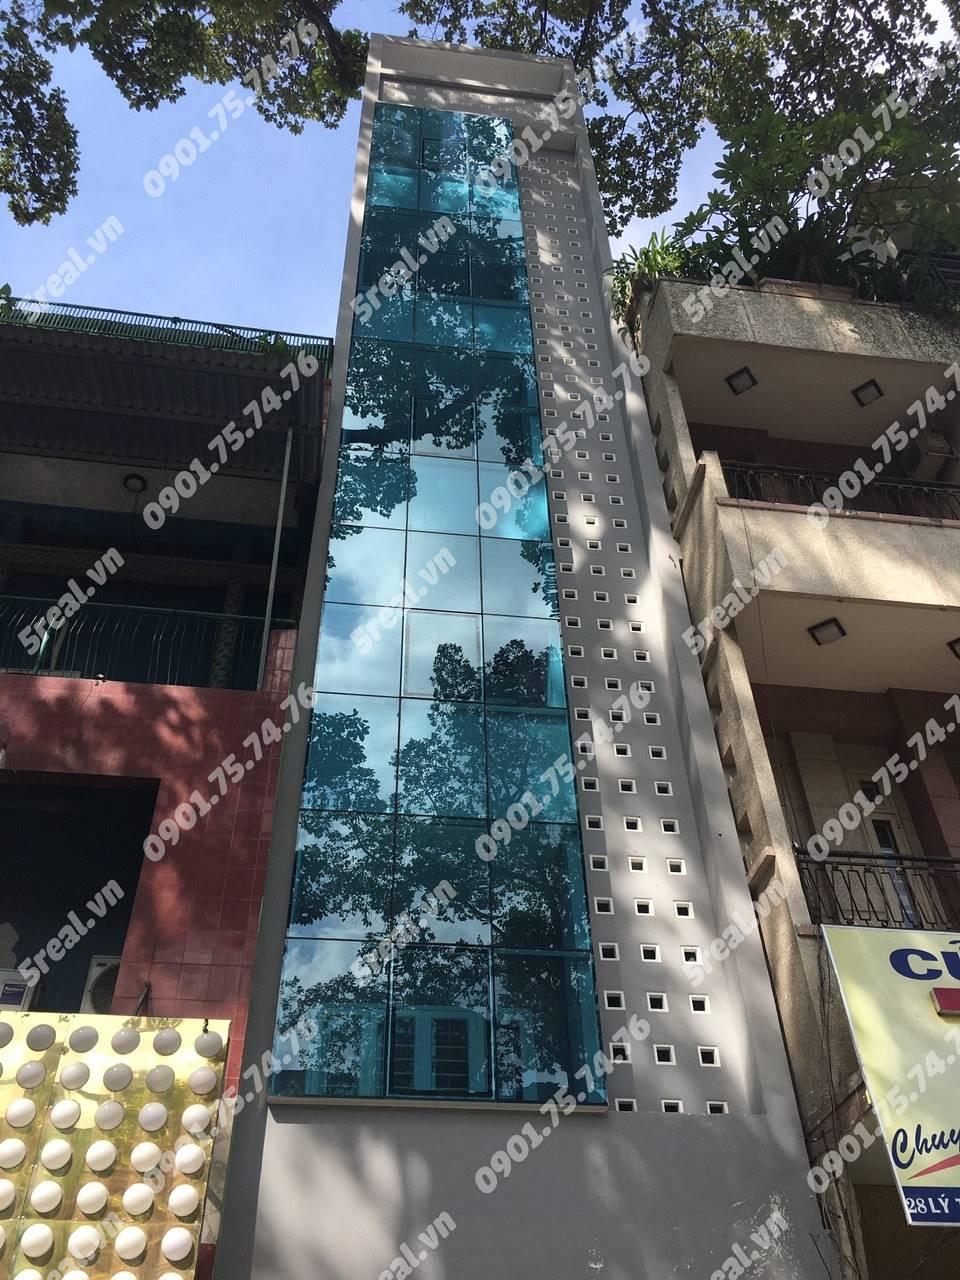 bm-building-ly-thuong-kiet-quan-10-cho-thue-van-phong-5real.vn-01